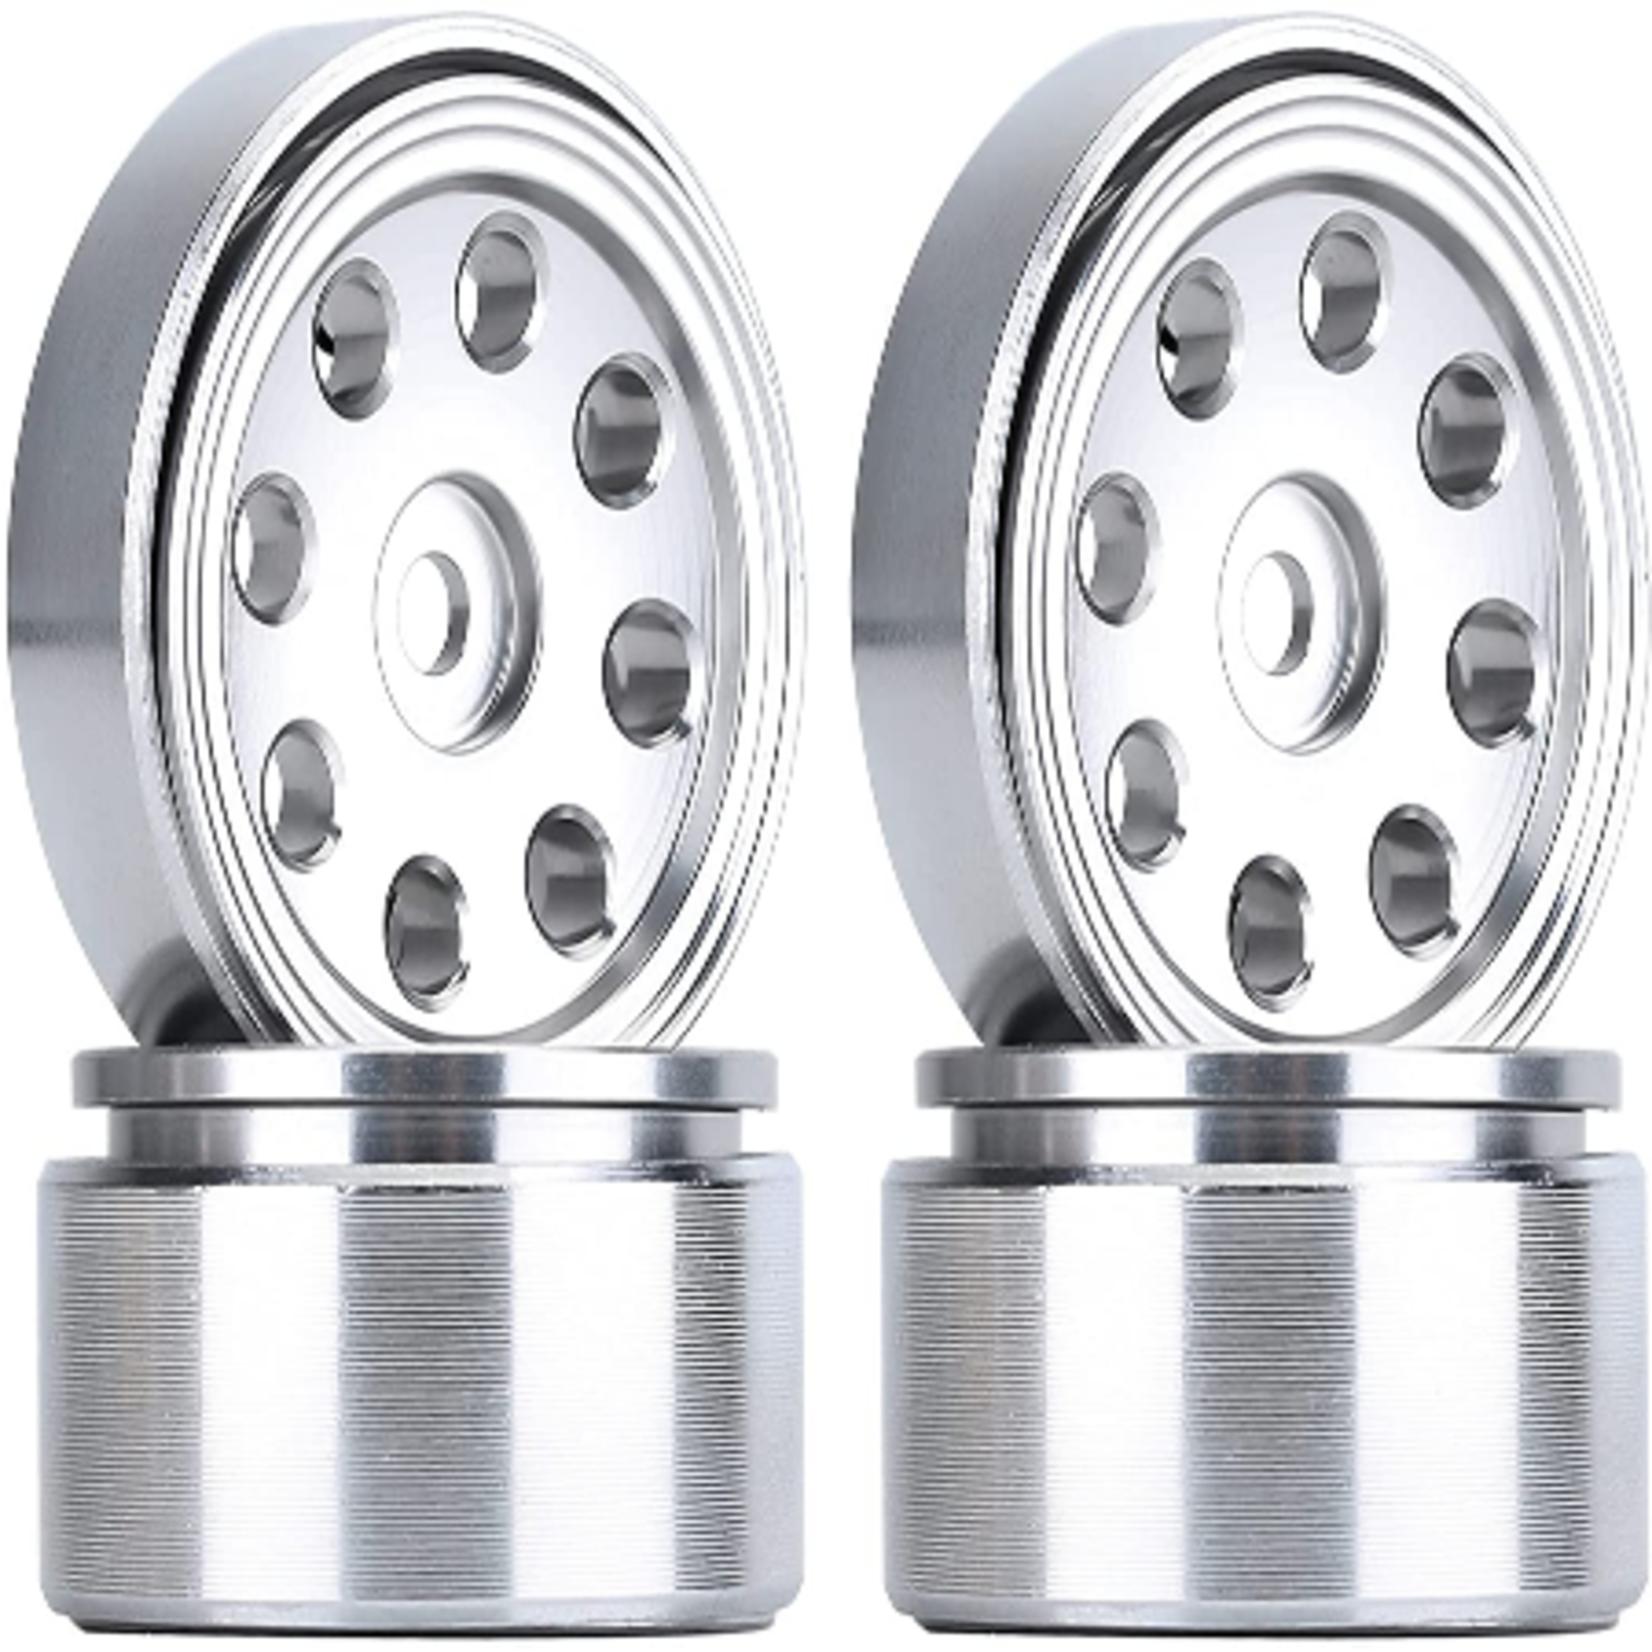 Hobby Details DTSCX24-47A SCX24 Aluminum Flower 8-Hole Beadlock Wheels, White